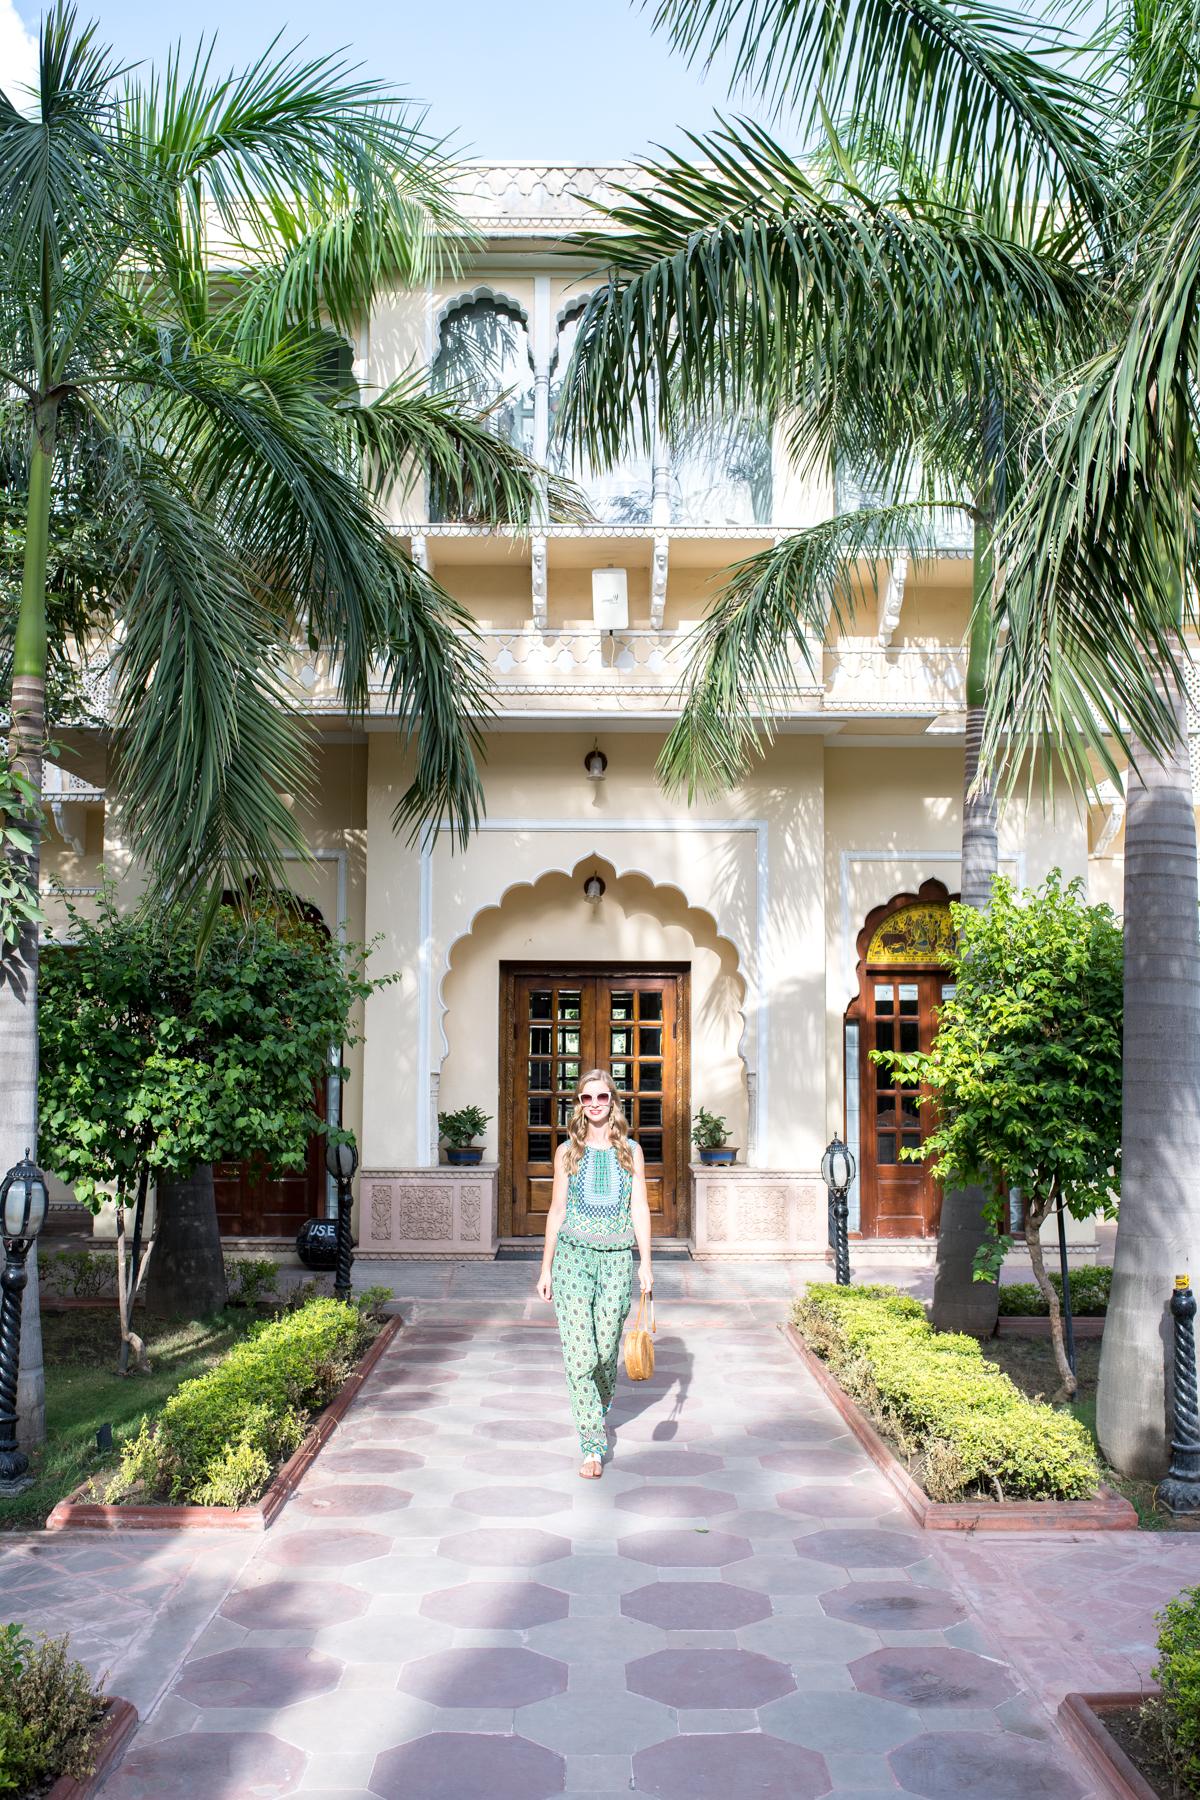 Stacie Flinner City Palace Jaipur 10 Best -32.jpg